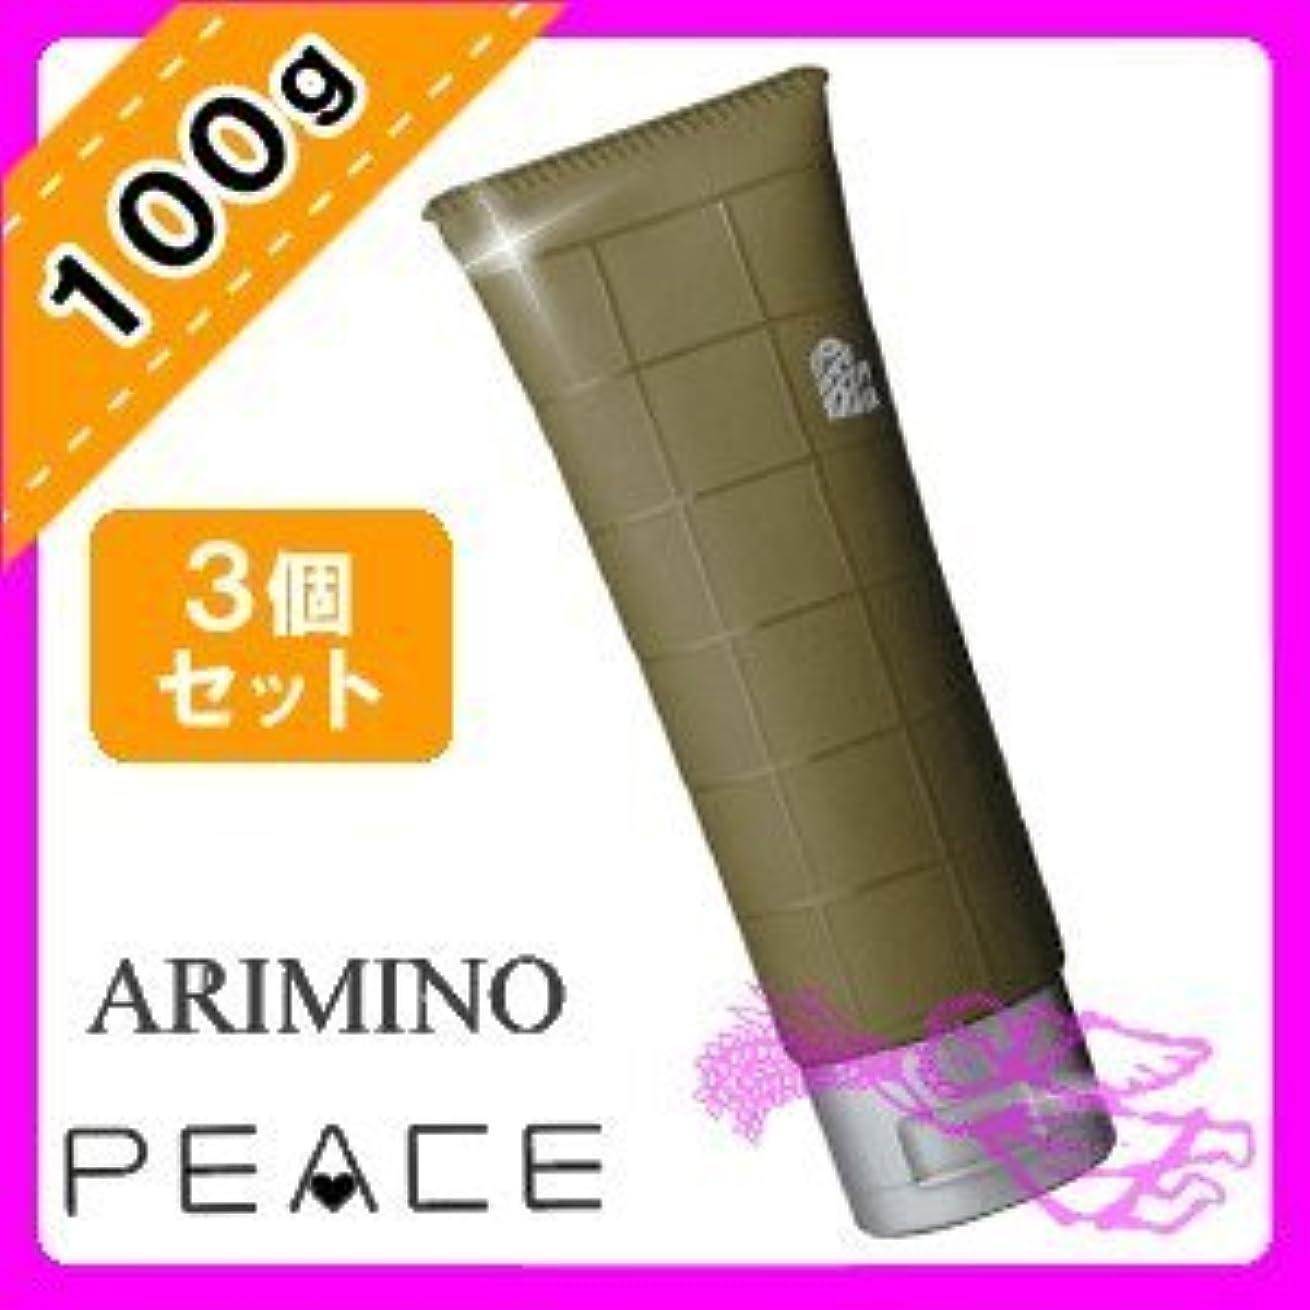 合図戦艦インポートアリミノ ピース ウェットオイル ワックス 100g ×3個セット arimino PEACE